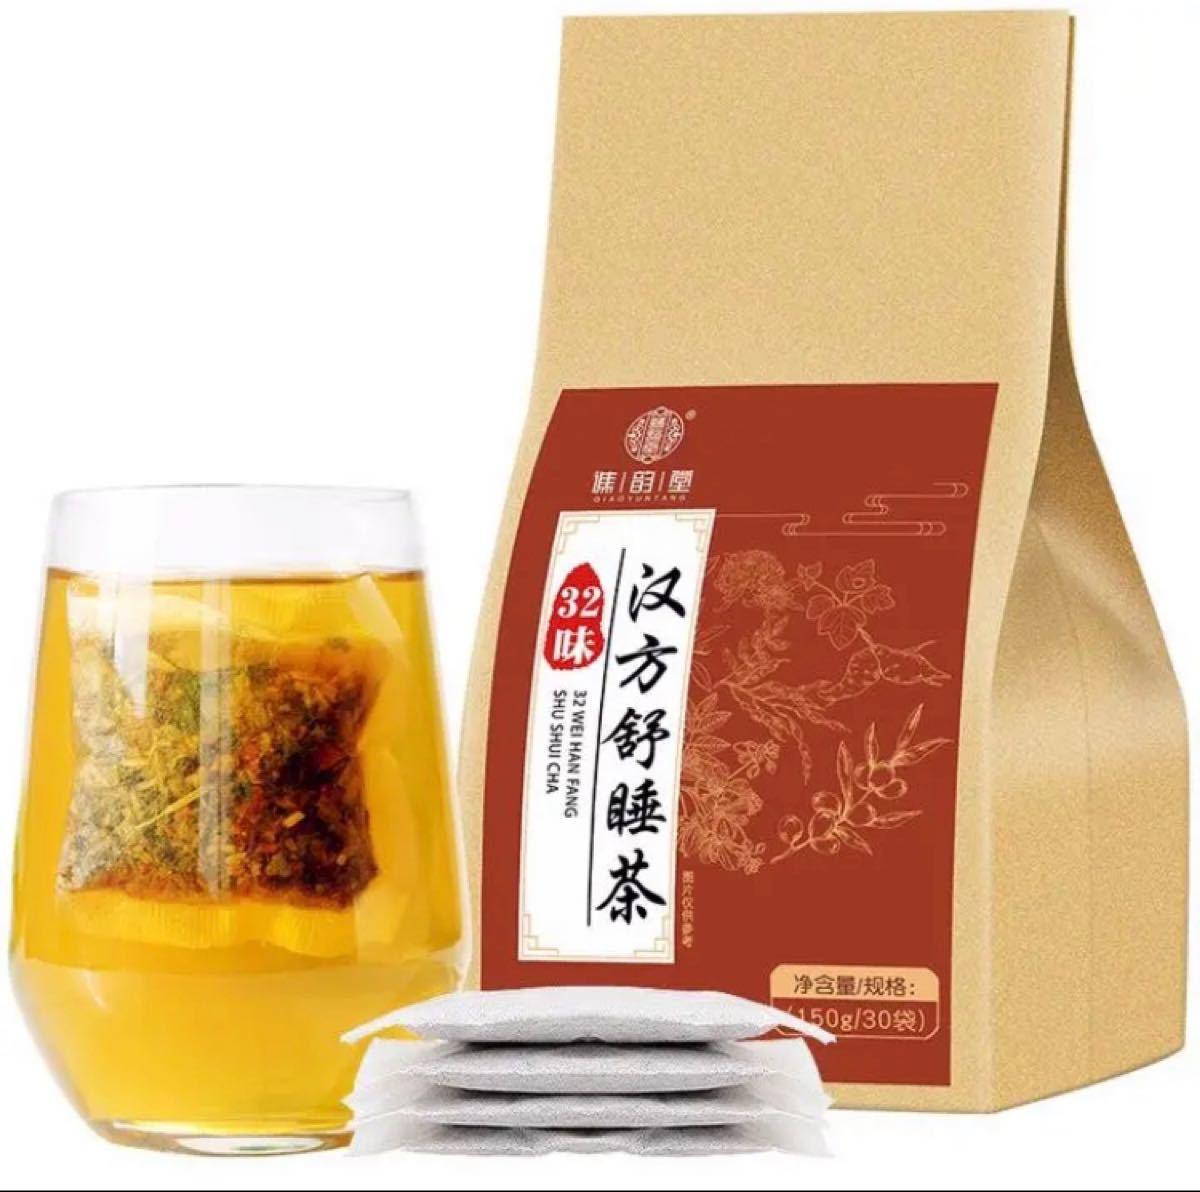 三十二味漢方安眠茶 健康茶 薬膳茶 漢方茶 ハーブティー 花茶 中国茶